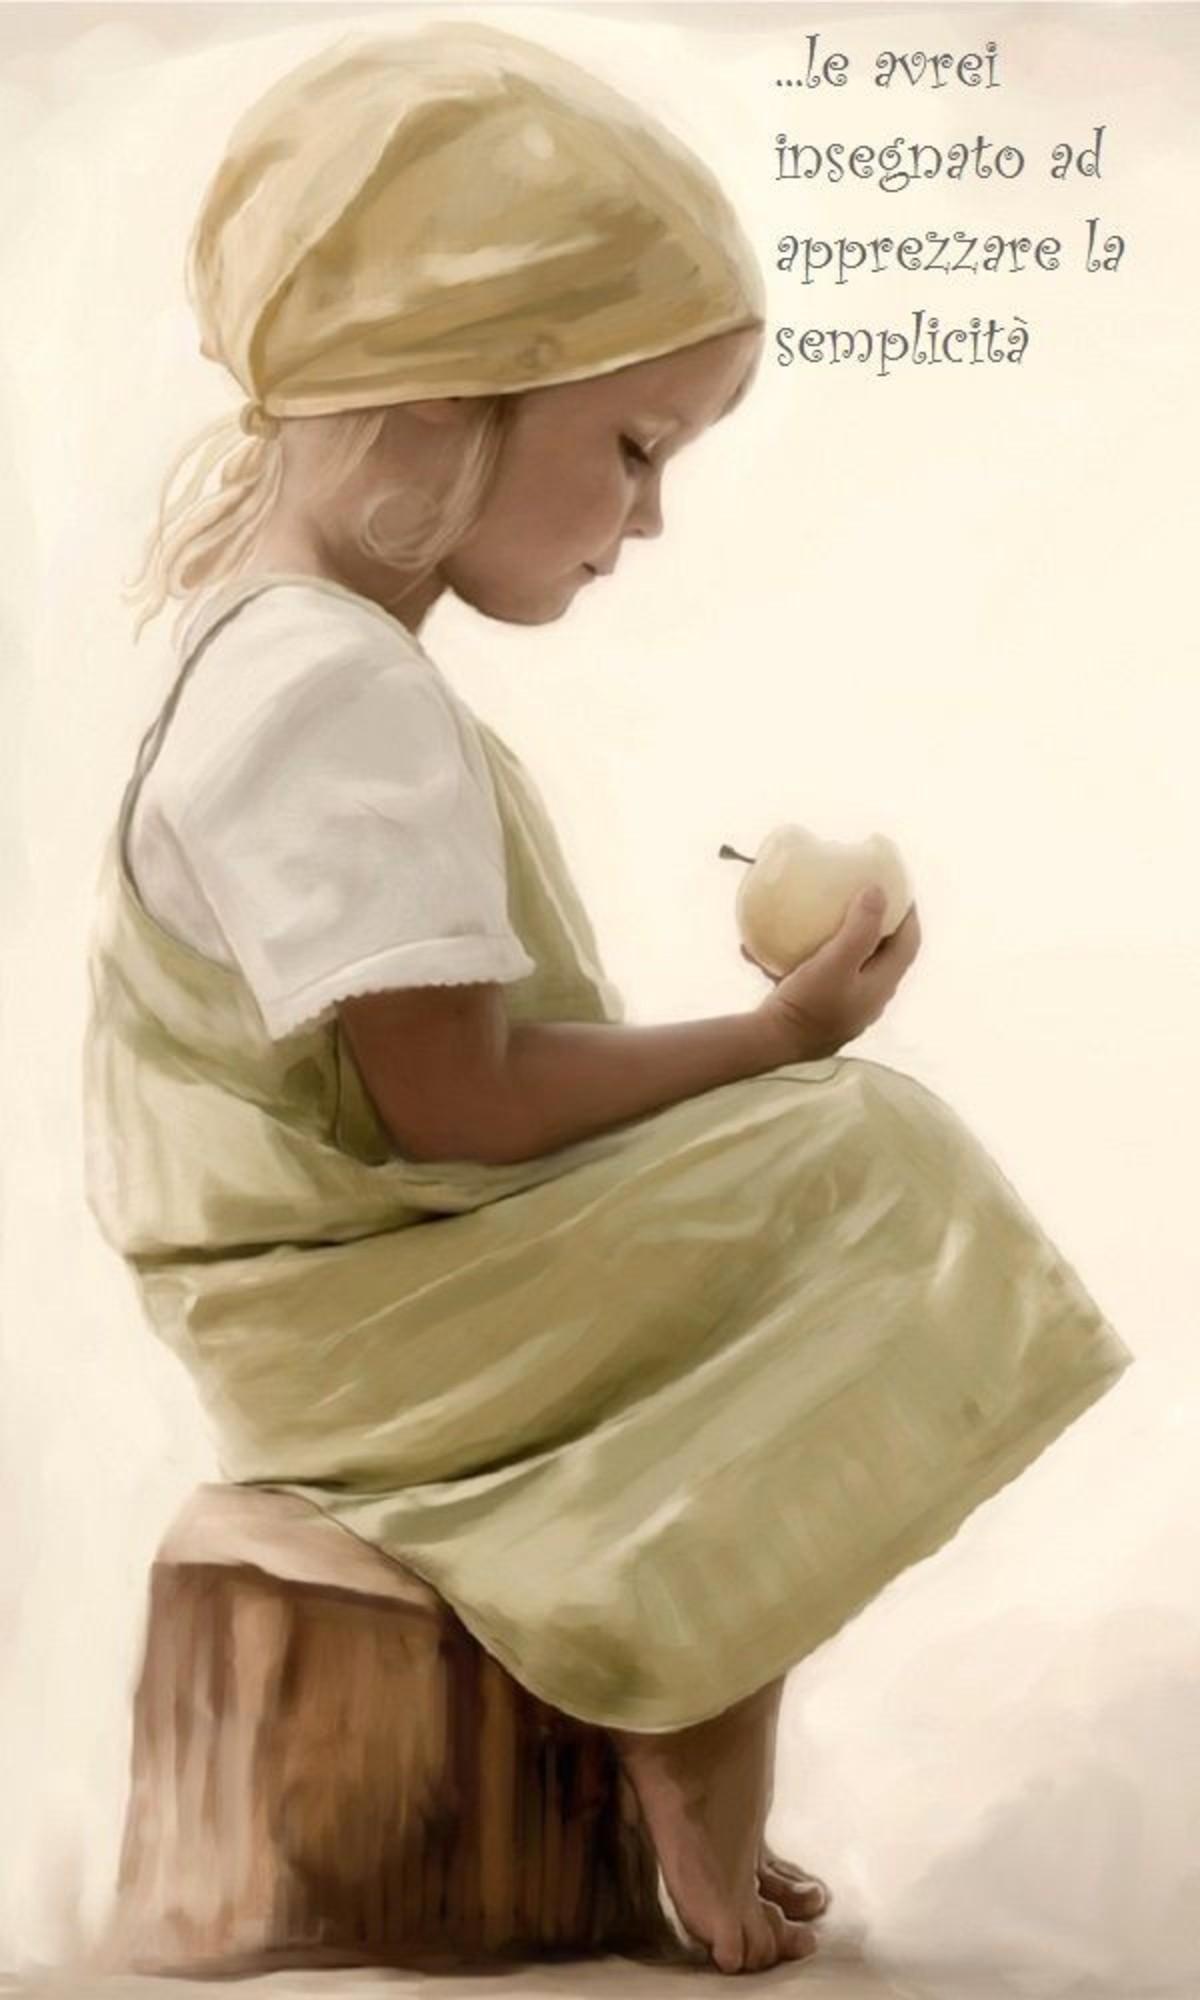 Belle frasi con i bambini 20   BuongiornoATe.it